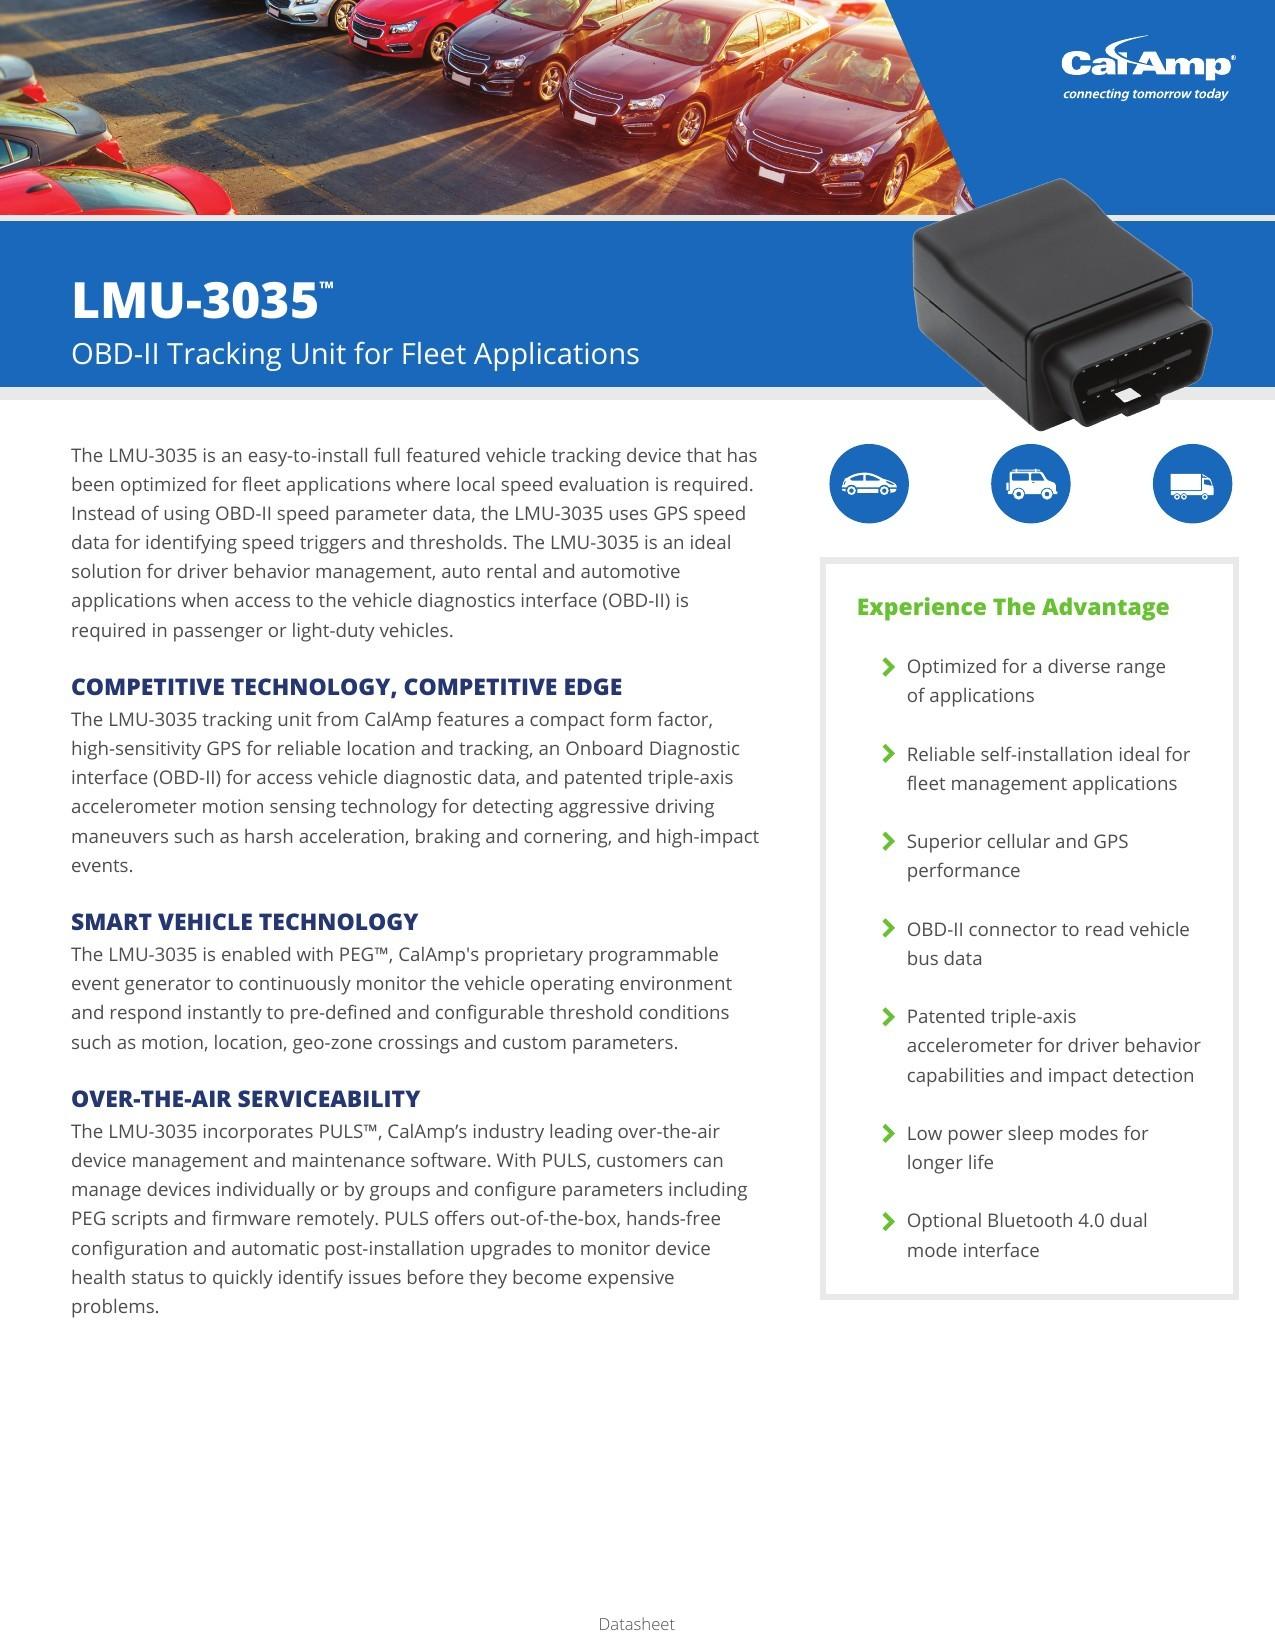 Calamp Lmu-1230 Wiring Diagram Calamp Lmu 1230 Wire Diagram Awesome Of Calamp Lmu-1230 Wiring Diagram